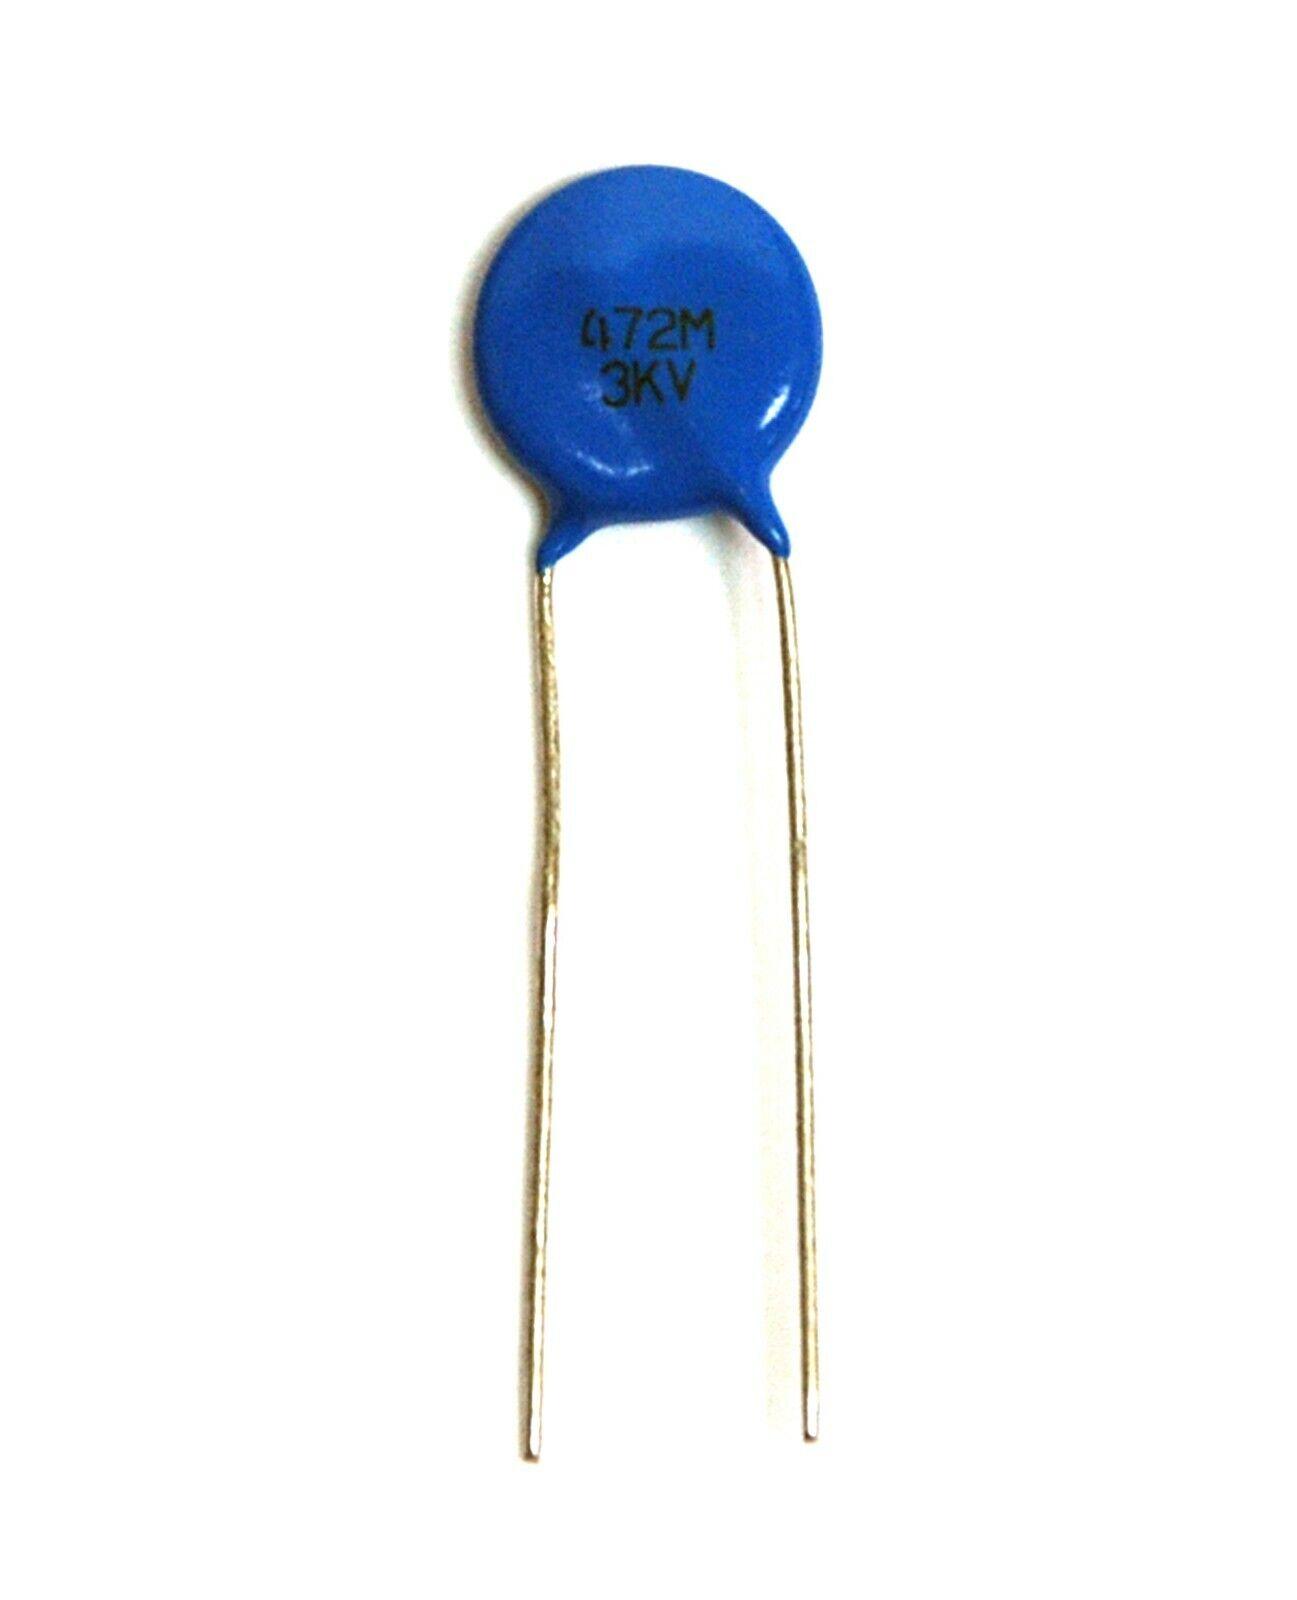 20pc Disc Ceramic Capacitor 472M 3KV 4700pF 0 0047uF ±20% M